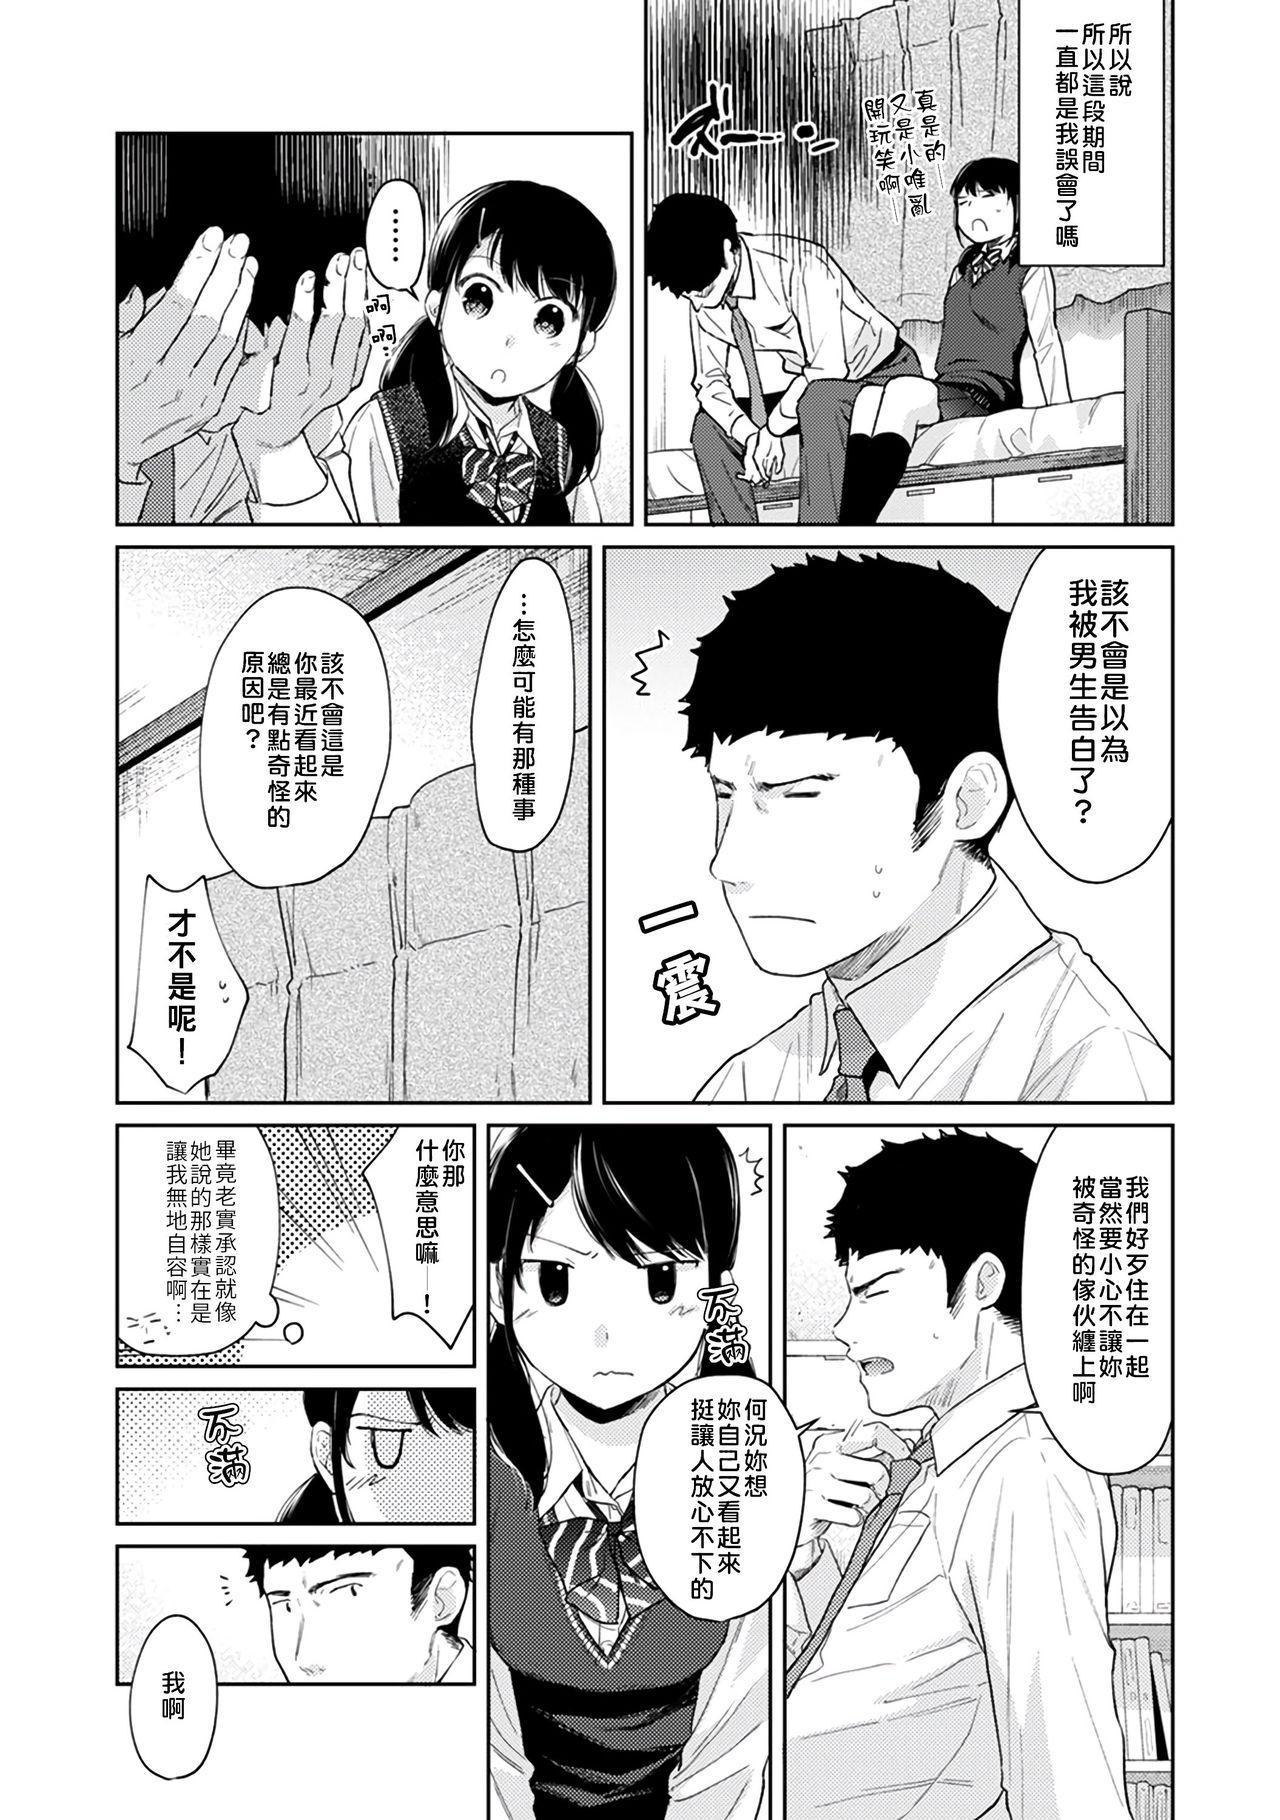 1LDK+JK Ikinari Doukyo? Micchaku!? Hatsu Ecchi!!?   1LDK+JK 突然間展開同居? 極度貼近!?初體驗!? Ch. 18-22 98